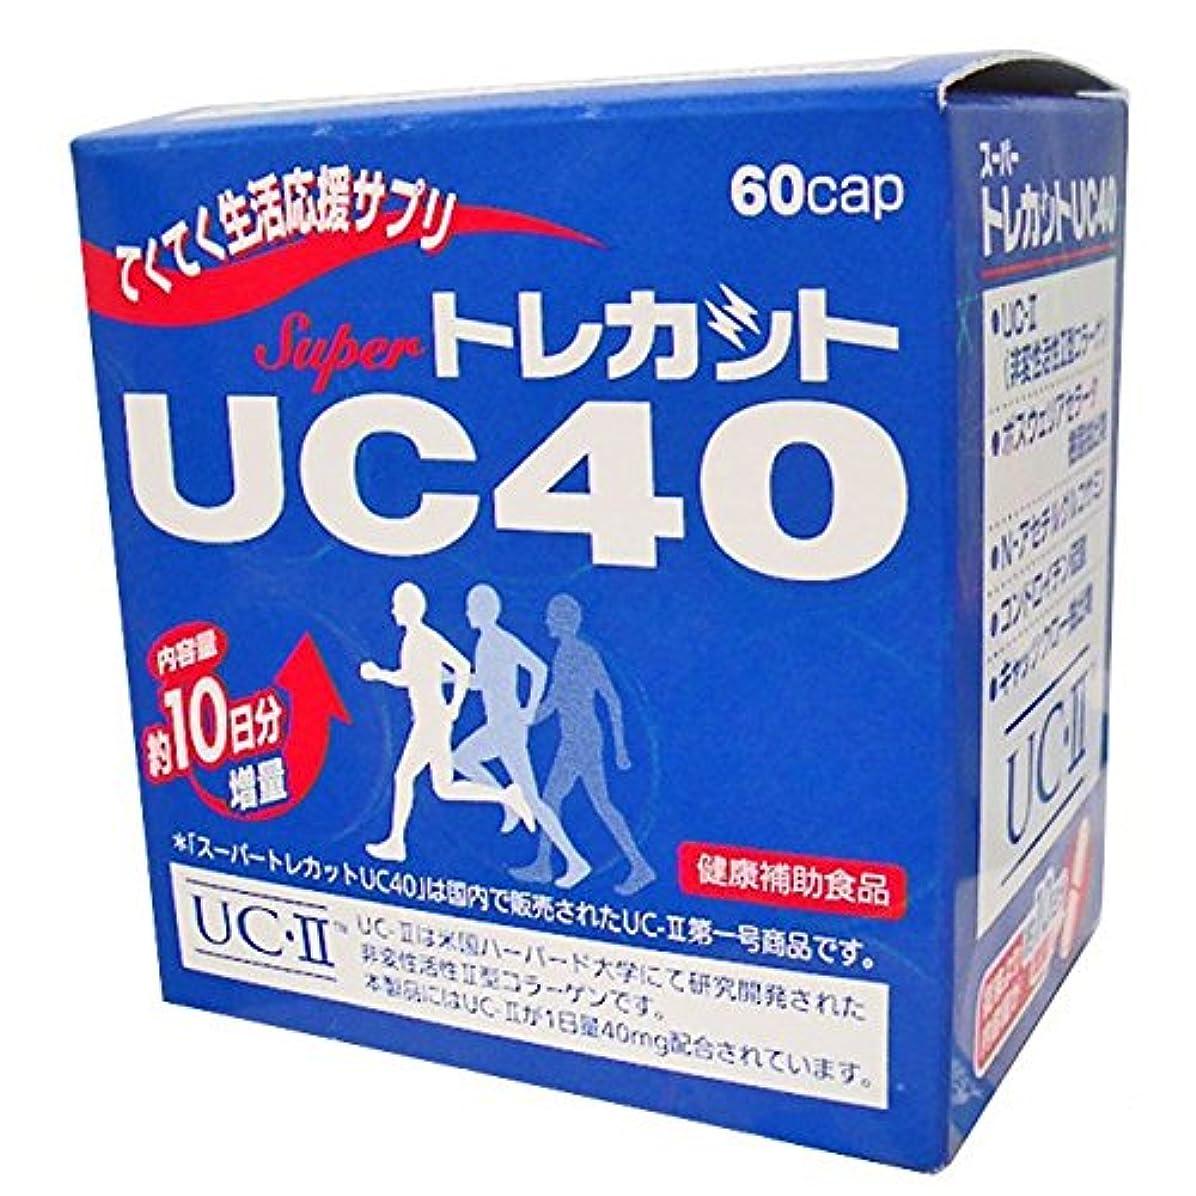 オセアニア体操ミニ関節のさぽーとに ワキ製薬 UC-Ⅱ(非変性Ⅱ型コラーゲン?鶏由来)配合 スーパートレカットUC40  60カプセル